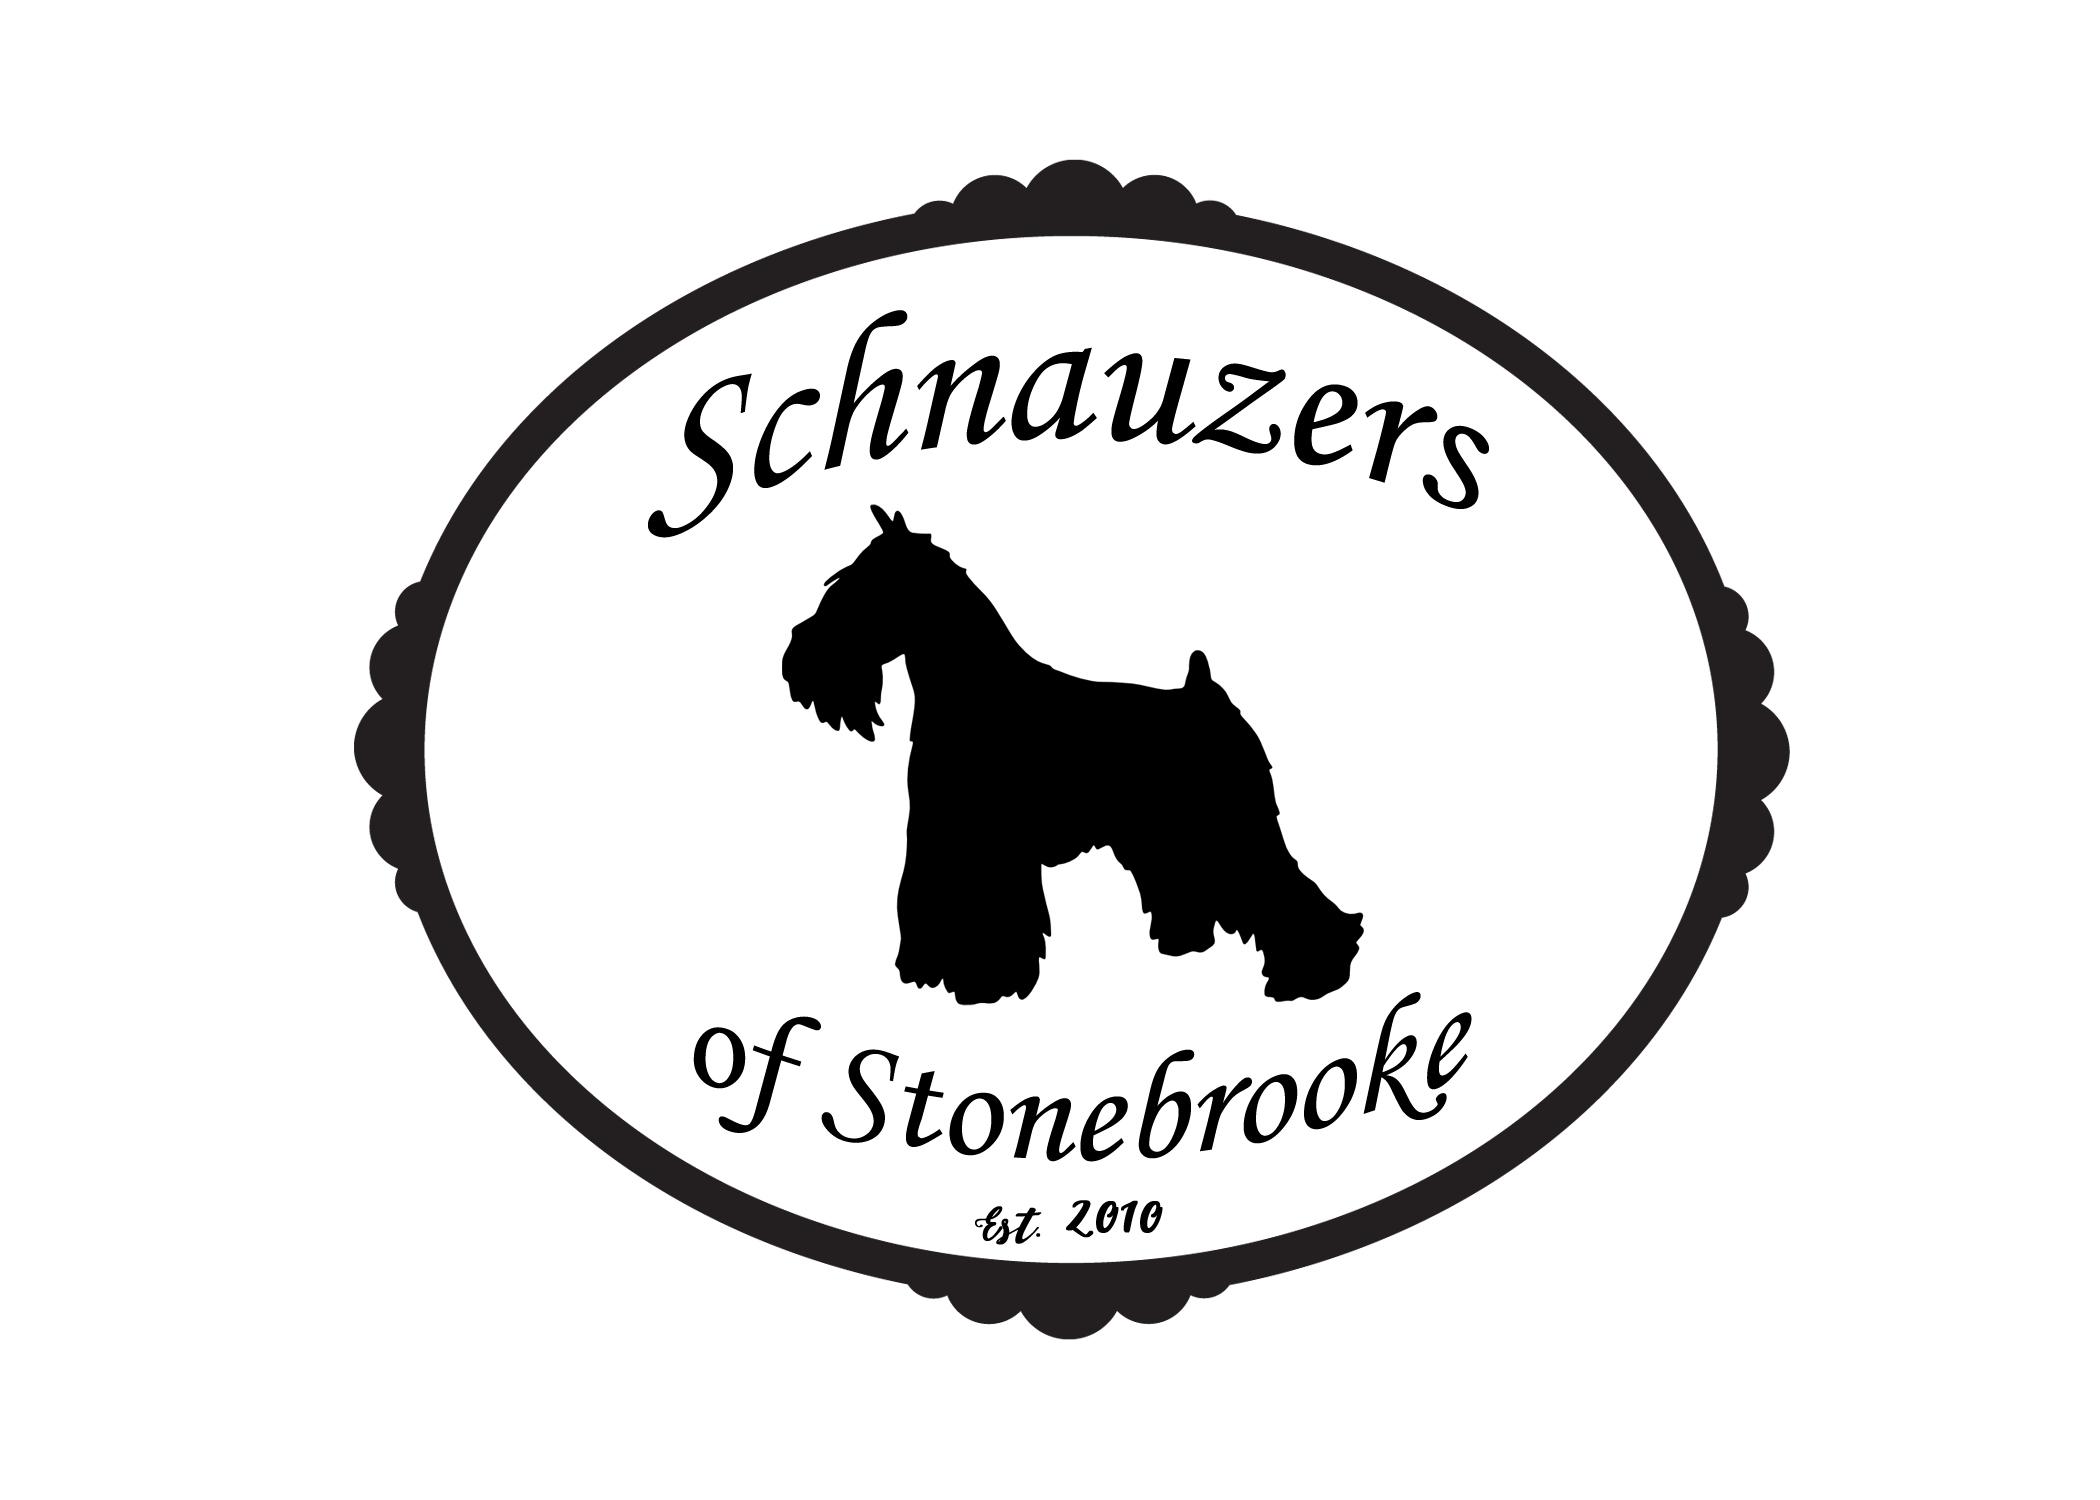 Miniature Schnauzer puppies SC - Miniature Schnauzer puppies